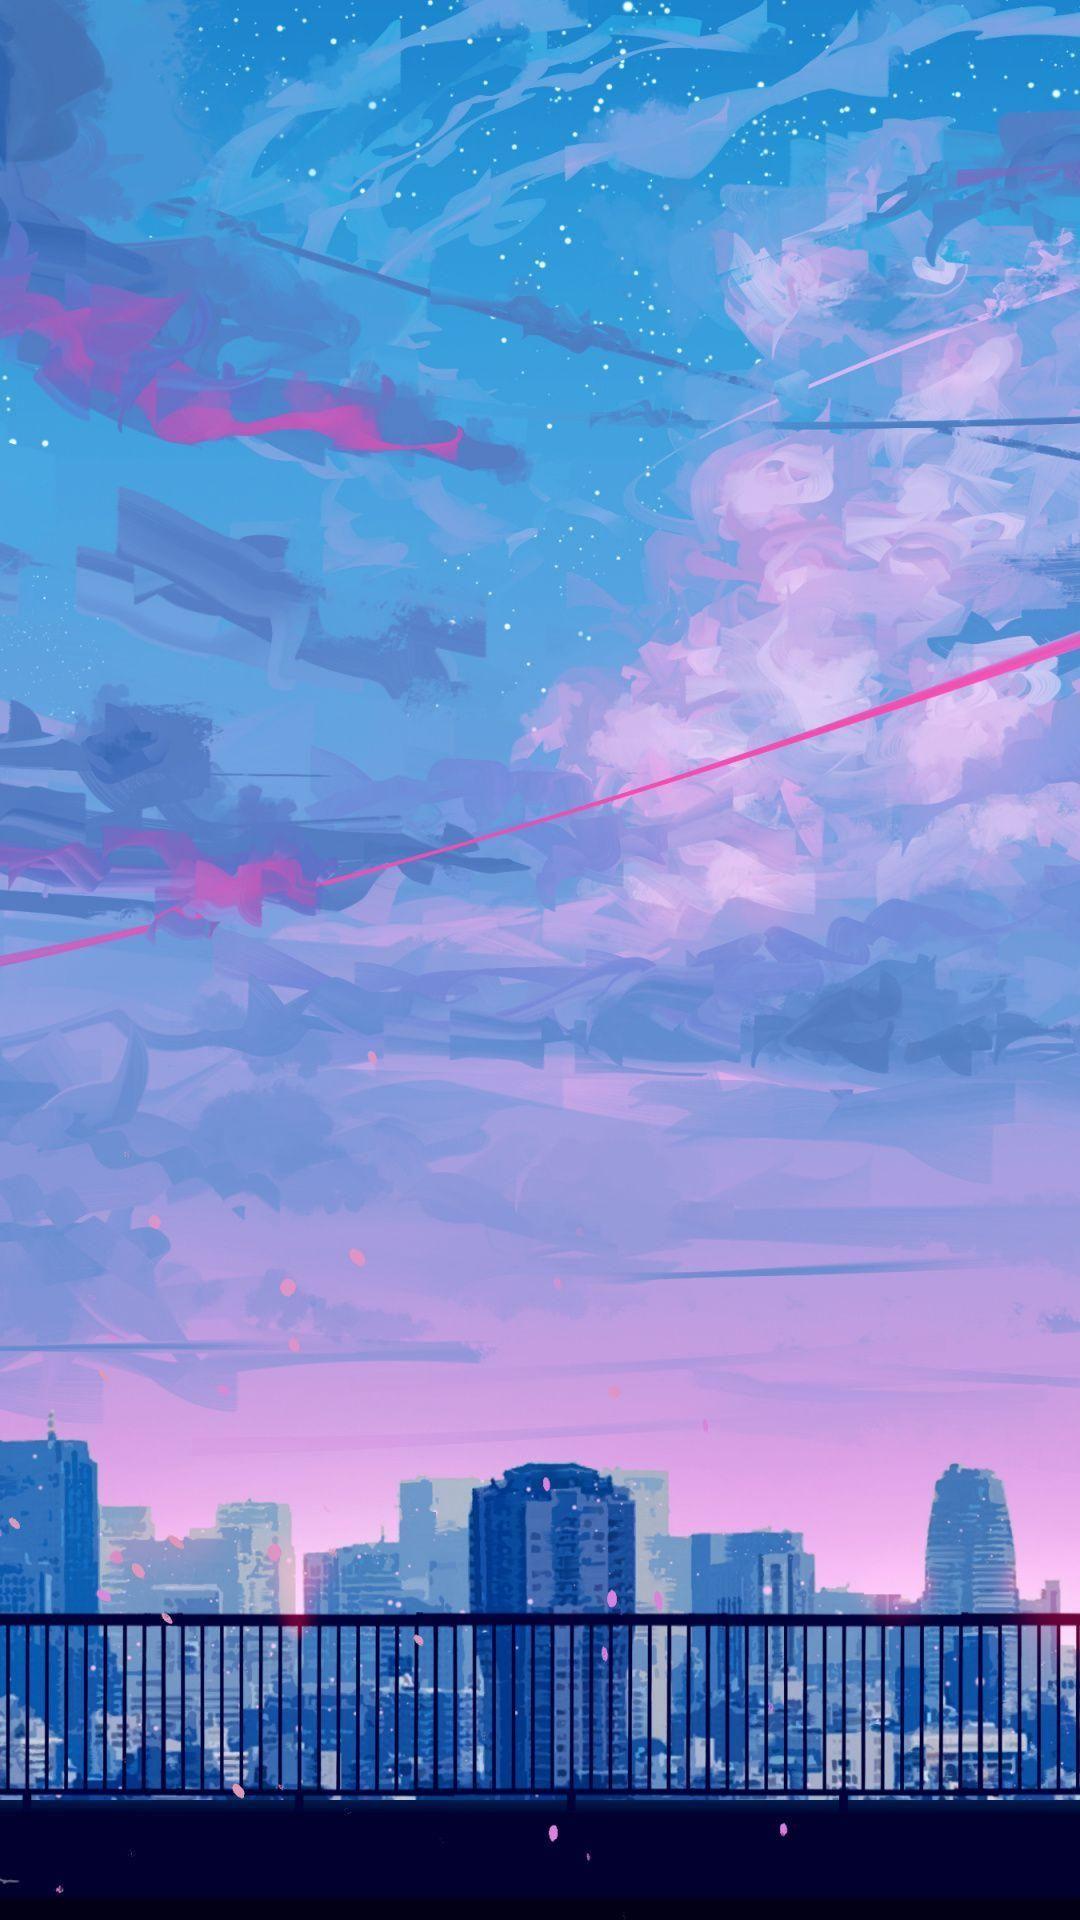 Pin By Nita Dwiaryni On Wallpapers Aesthetic Art Aesthetic Wallpapers Aesthetic Pastel Wallpaper